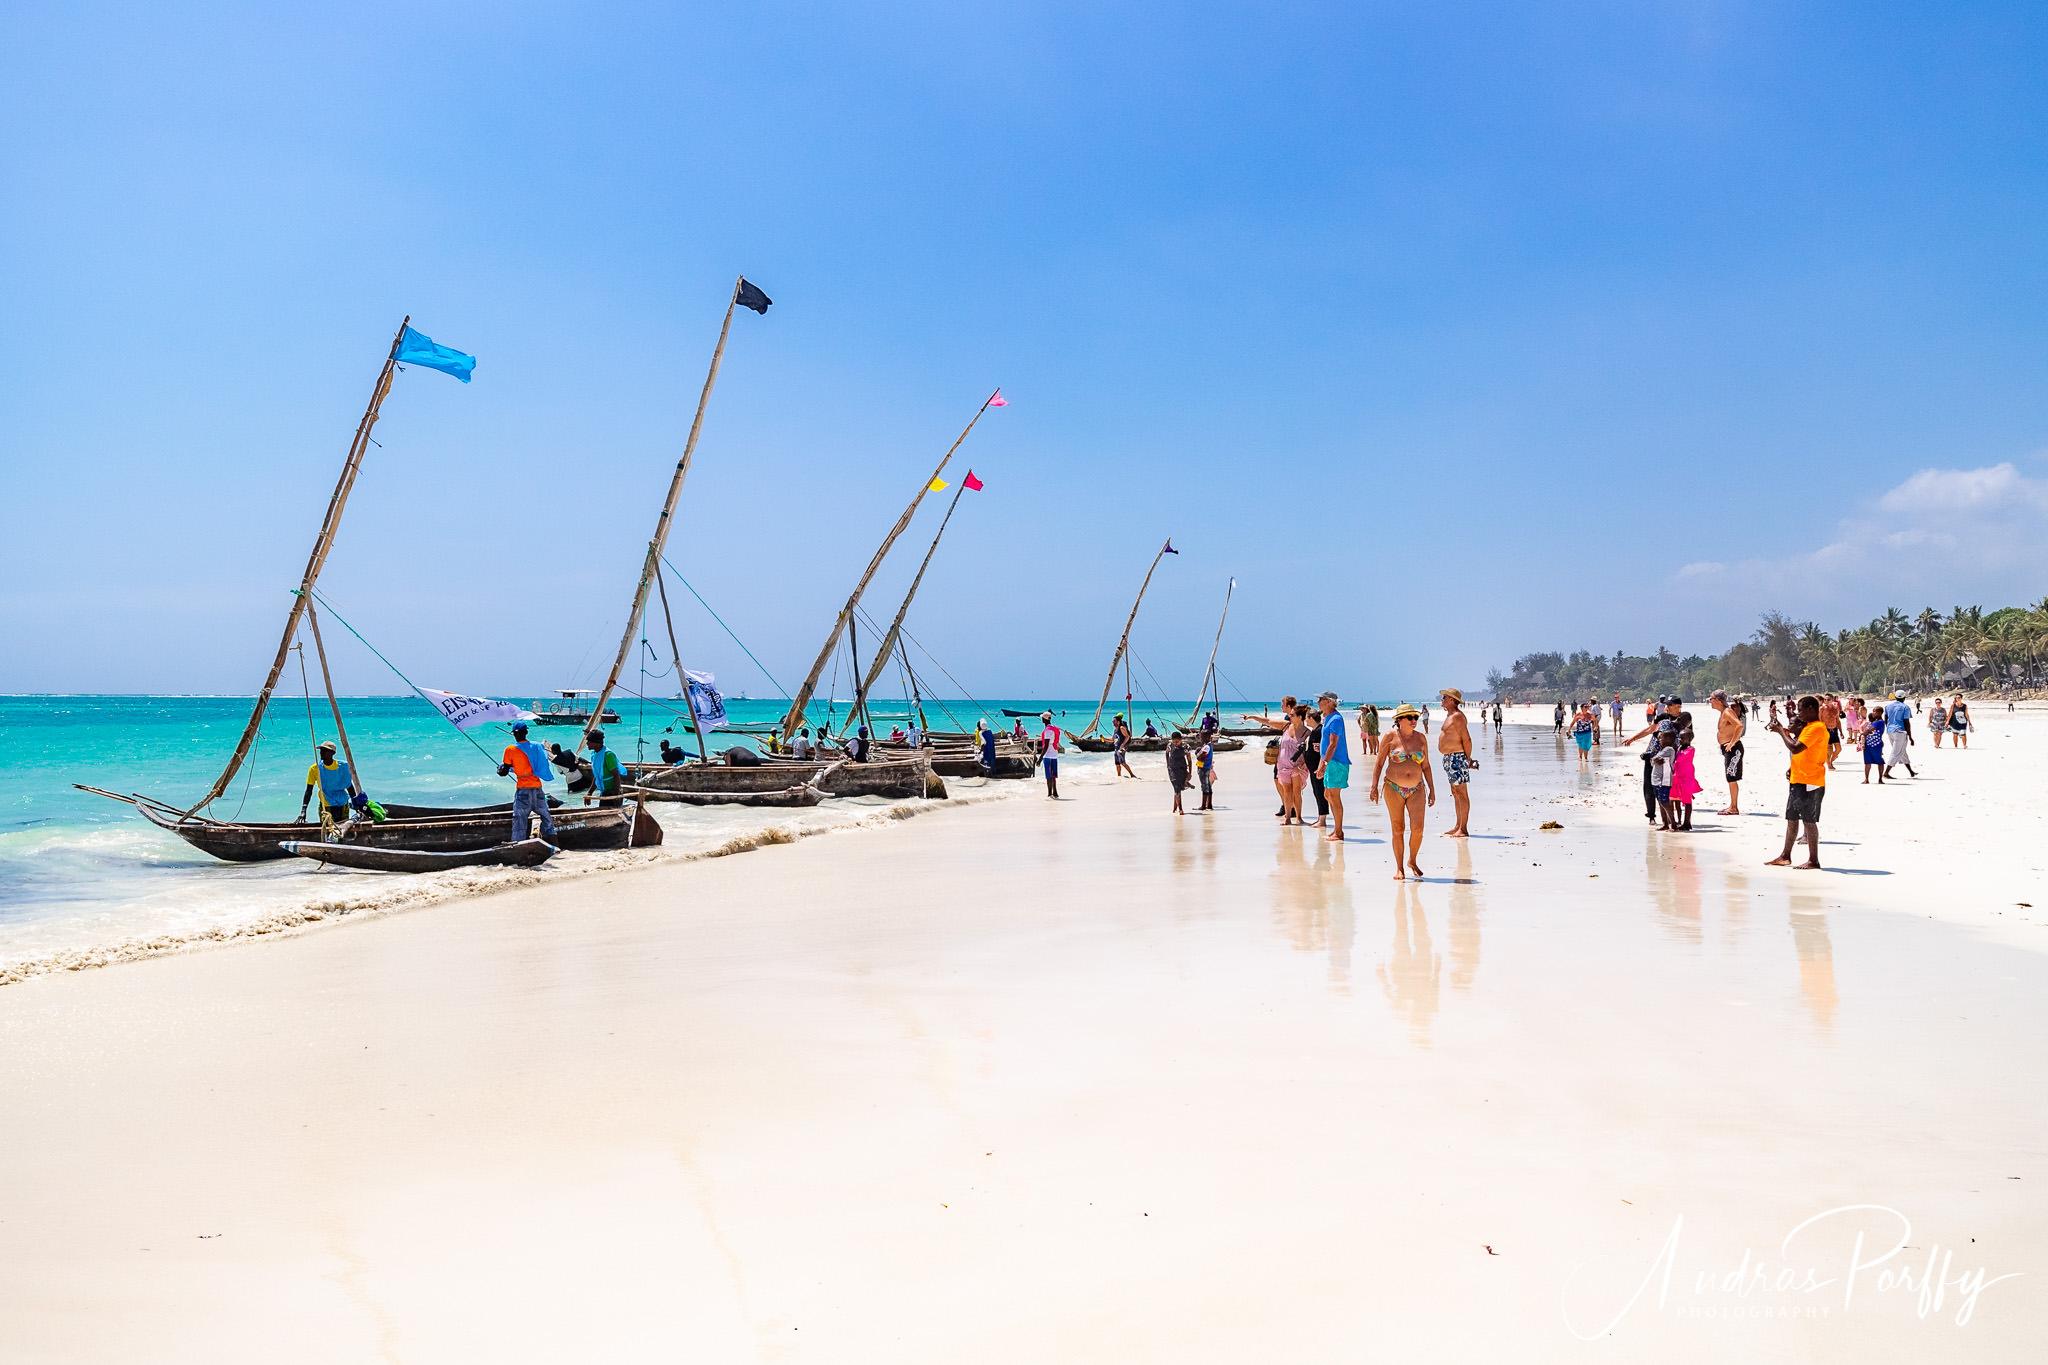 safari beach hotel Diani regatta